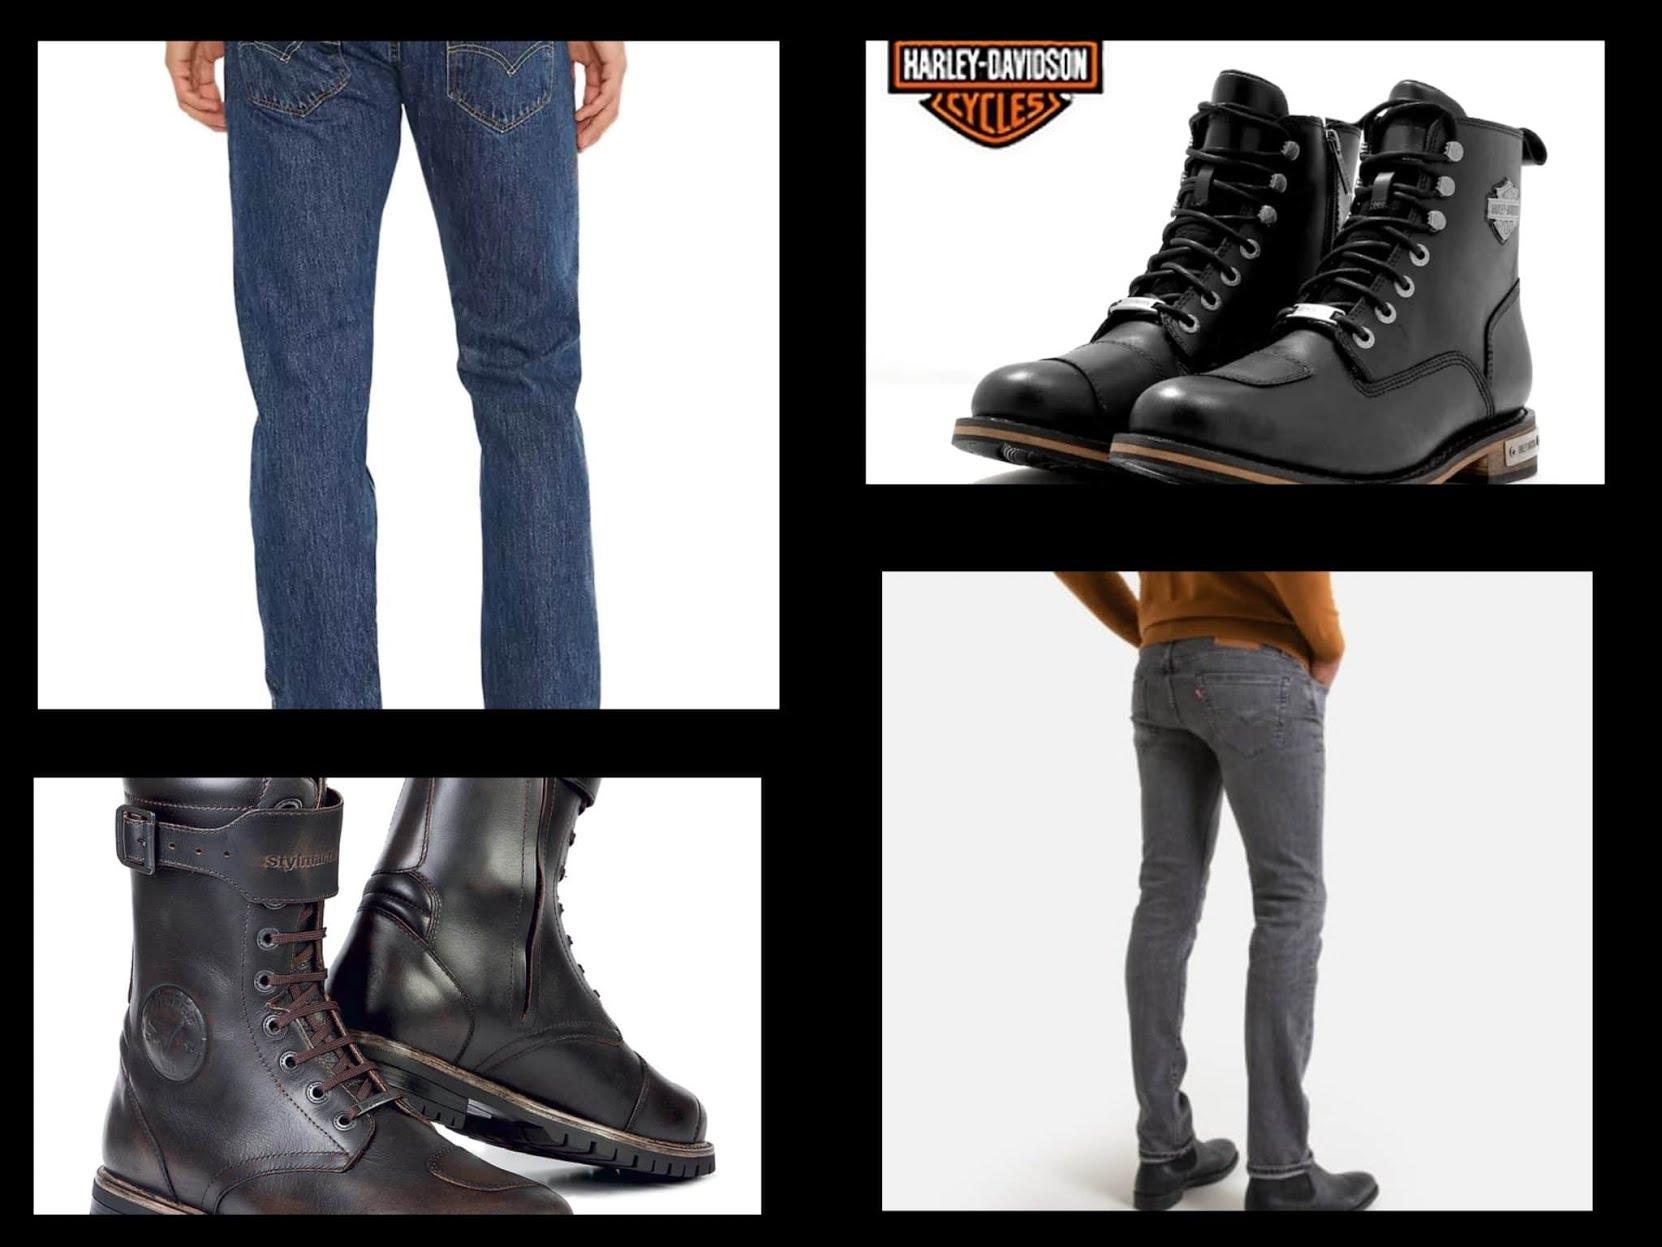 Le look du biker :  Pantalons et chaussures confortables